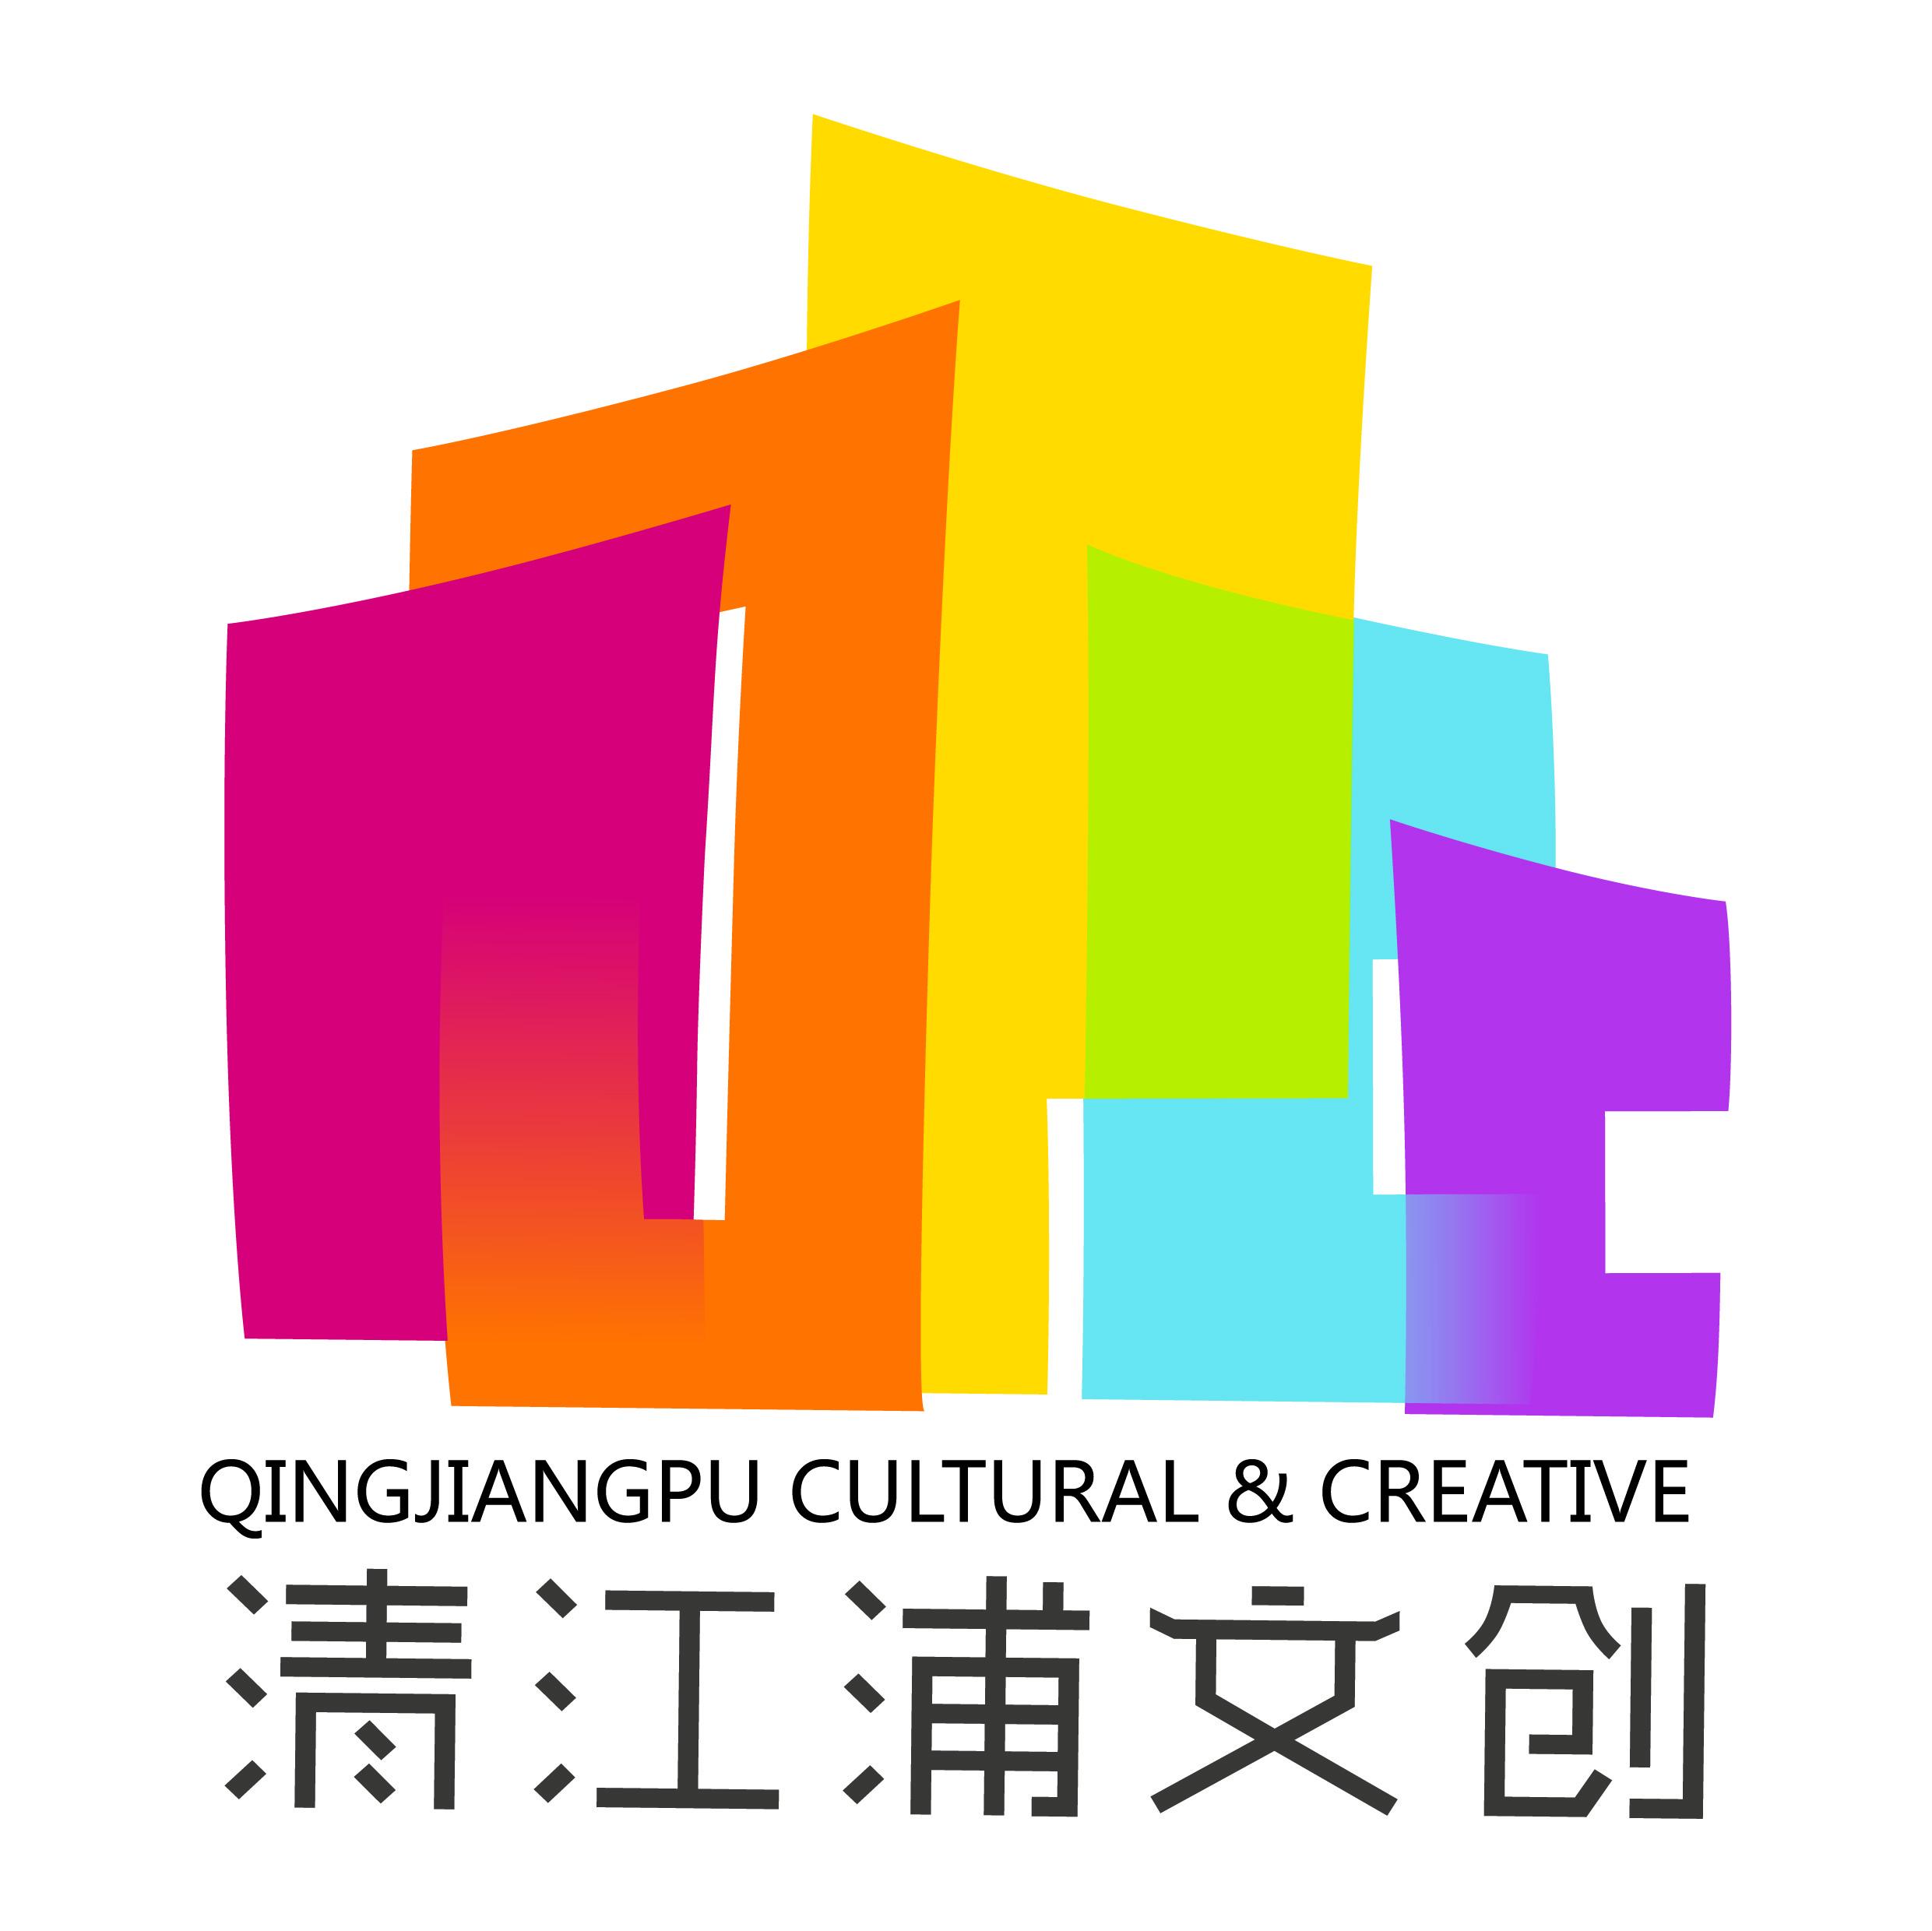 江蘇清江浦文化創意產業投資發展有限公司